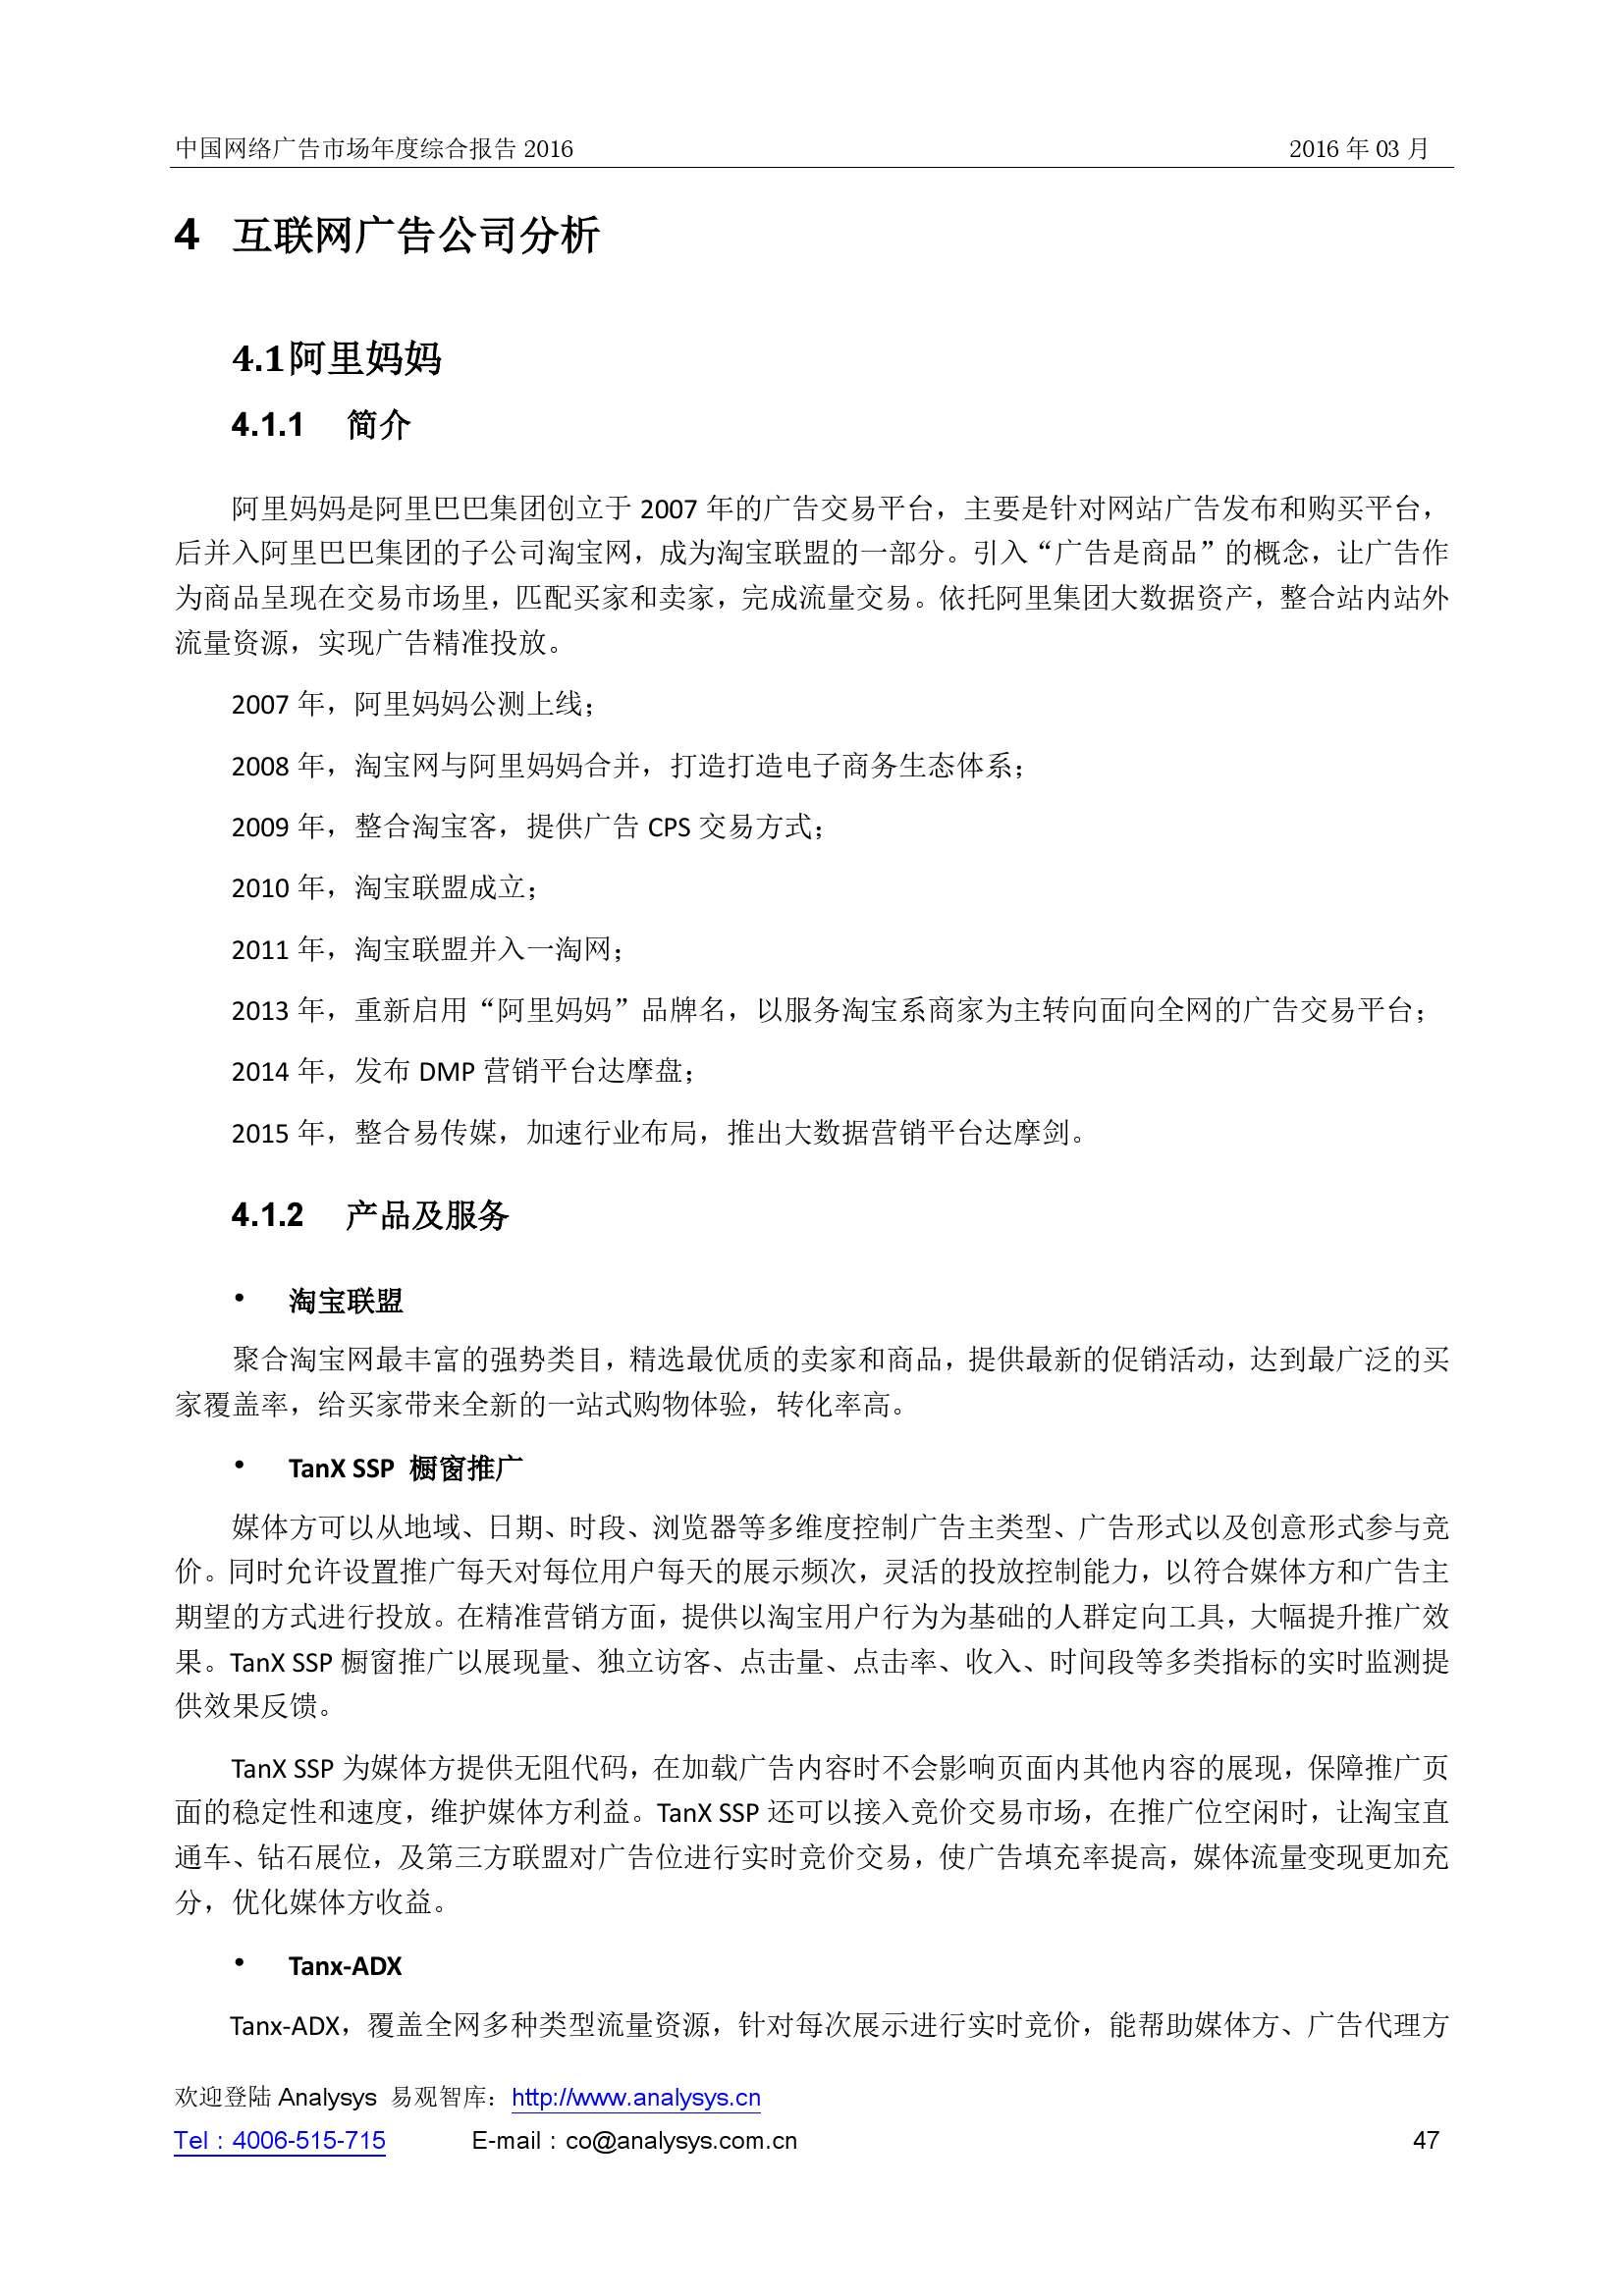 中国网络广告市场年度综合报告2016_000047